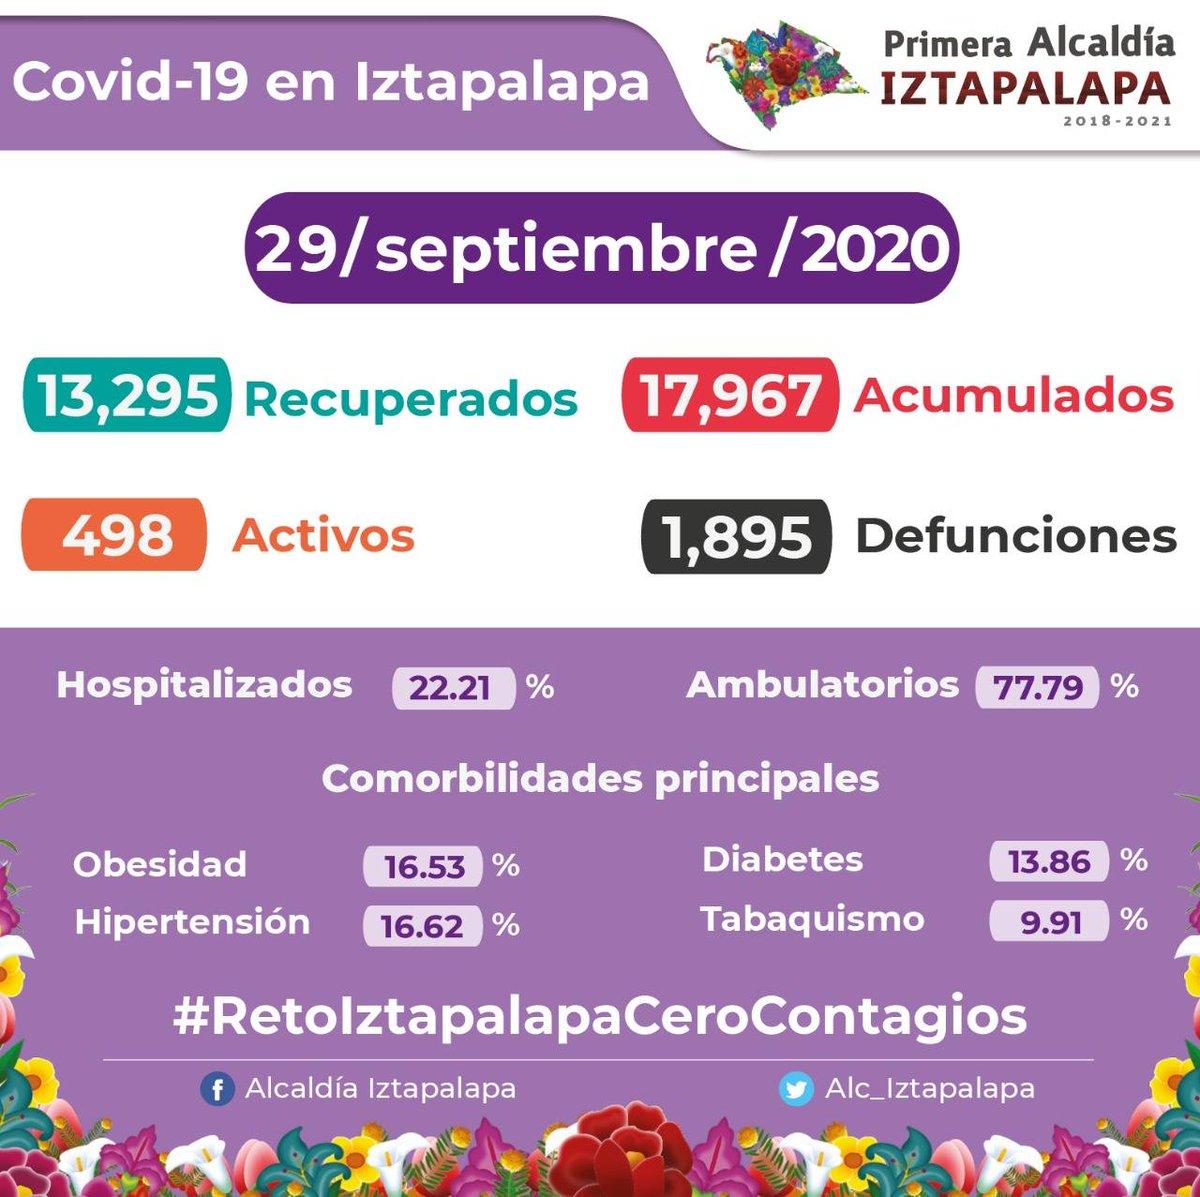 Mantente informado de la situación del #COVID19 en #Iztapalapa. Aquí el corte de casos confirmados acumulados, activos y recuperados al martes 29 de septiembre.  ¡No bajemos la guardia!  #MeCuidoYTeCuido #RetoIztapalapaCeroContagios #JuntosLoVamosALograr https://t.co/VPnqcpG7hm